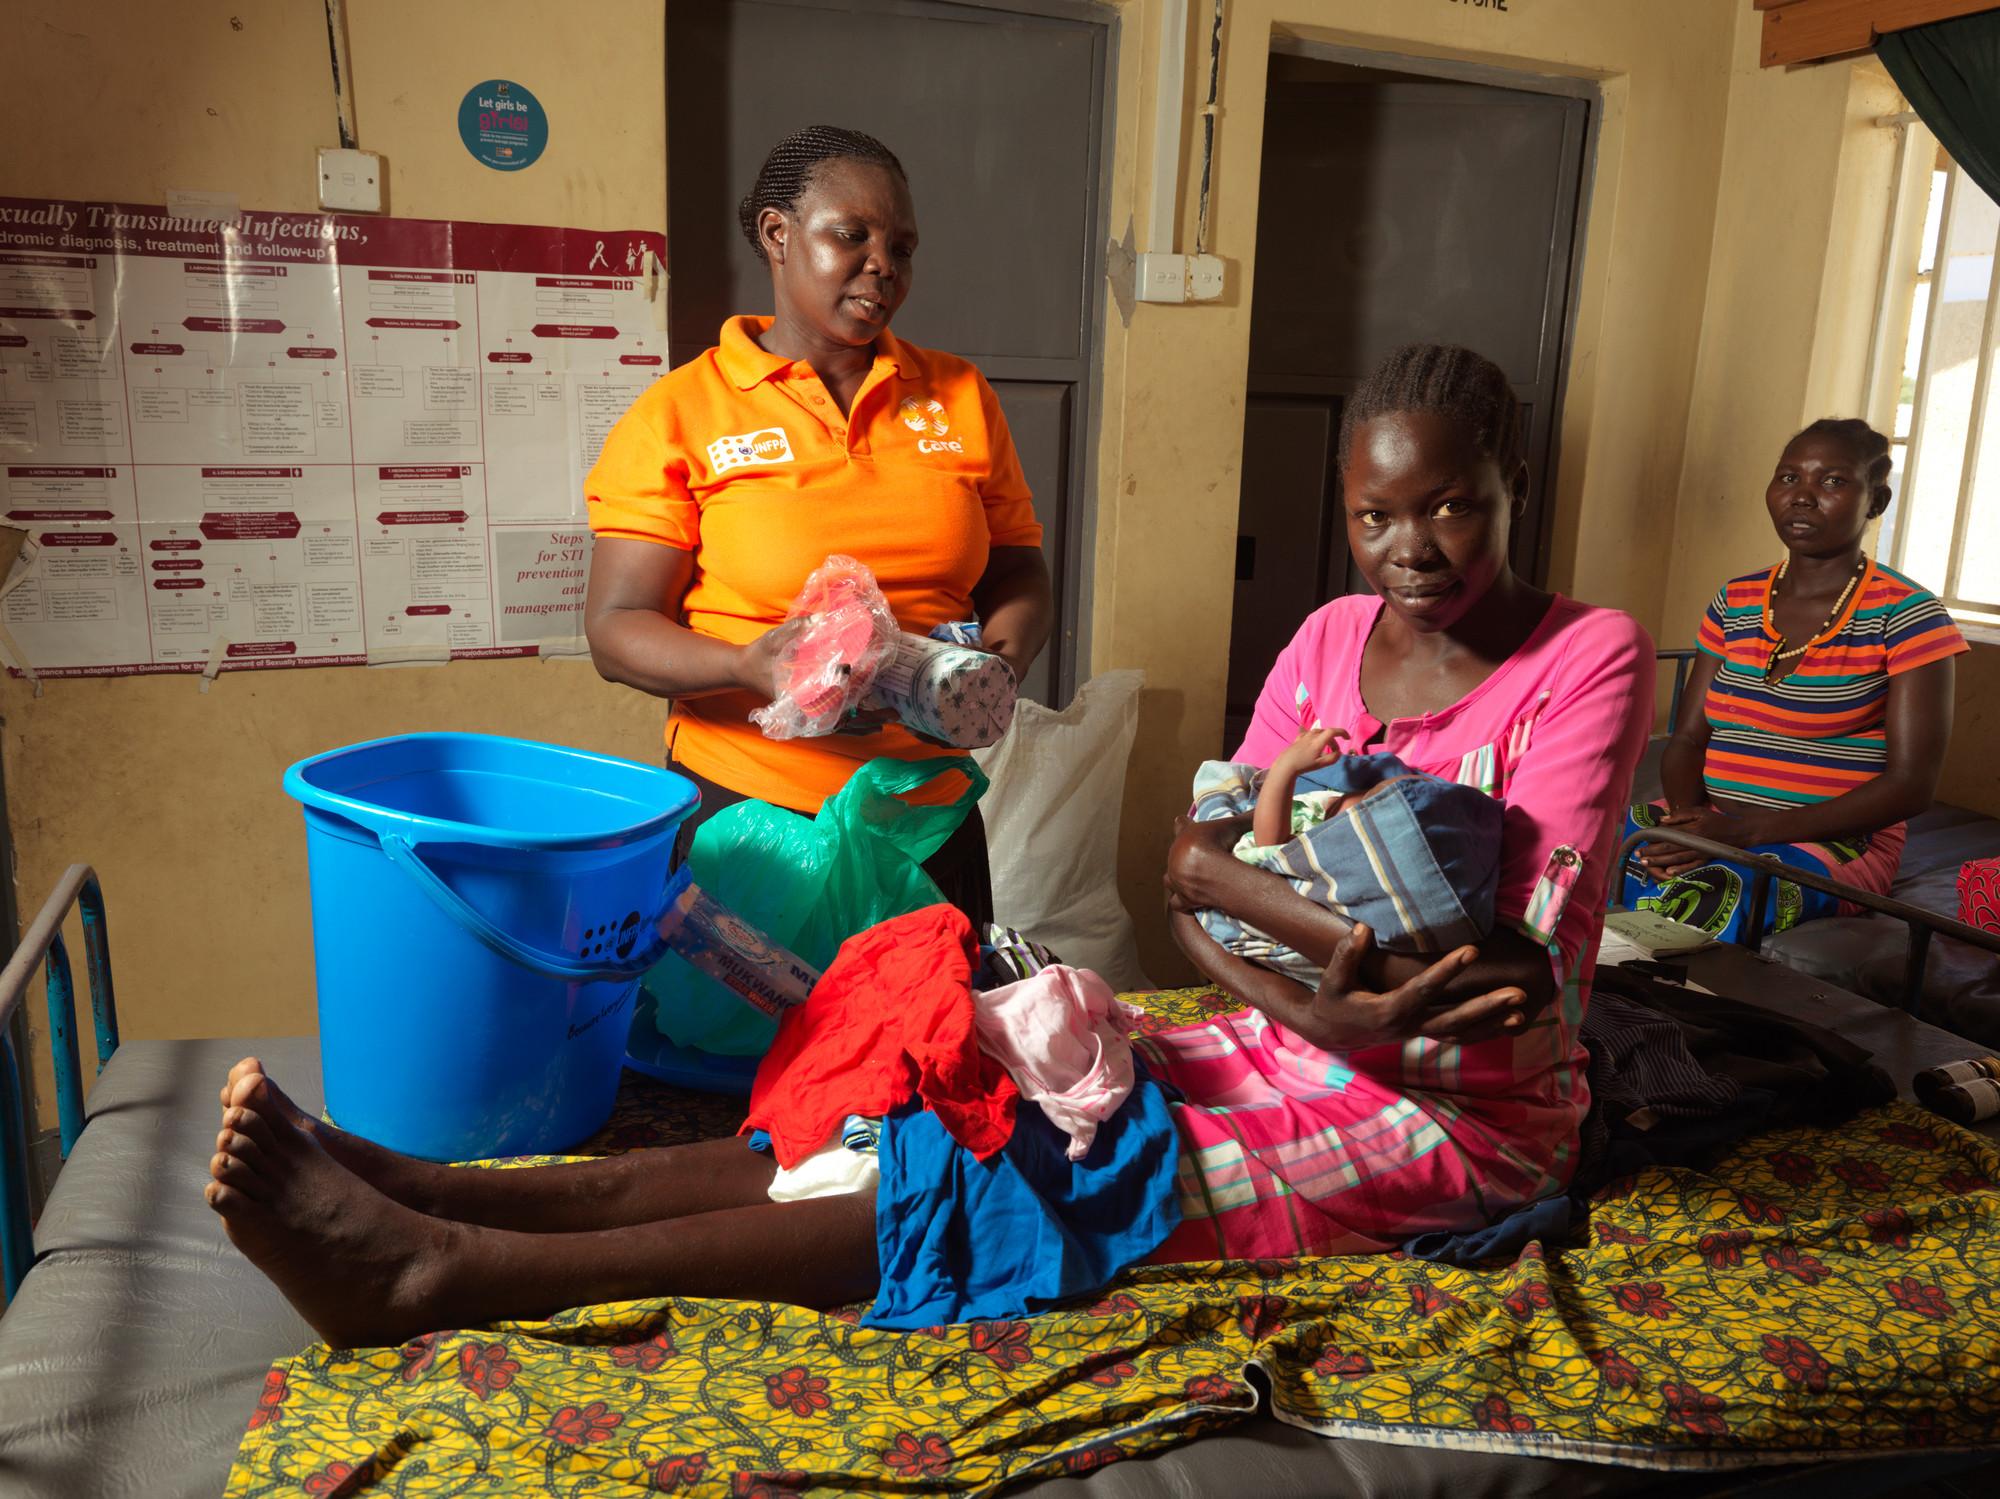 Uma mulher está sentada em uma cama com um bebê nos braços. Outra mulher se senta em uma cadeira enquanto um funcionário da CARE fica de pé.